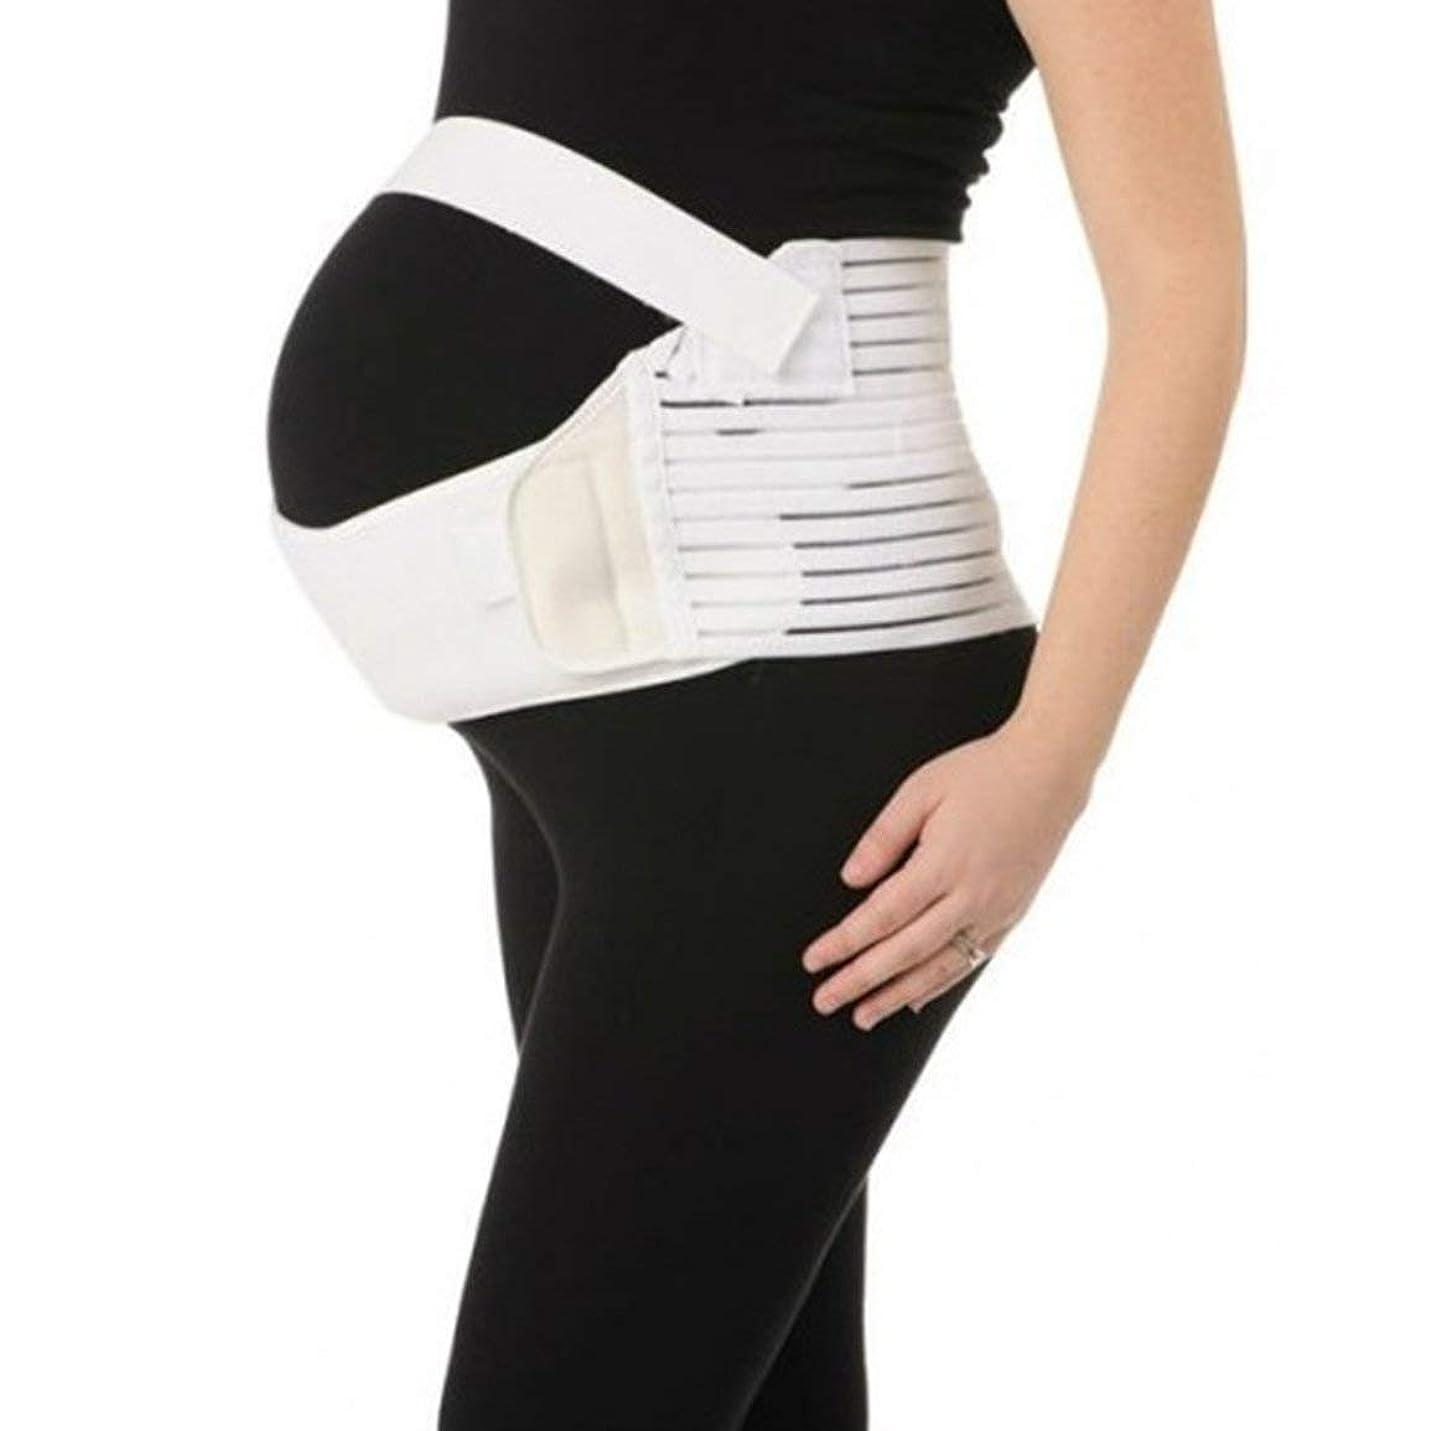 ニッケルネックレス筋肉の通気性マタニティベルト妊娠腹部サポート腹部バインダーガードル運動包帯産後回復形状ウェア - ホワイトXL